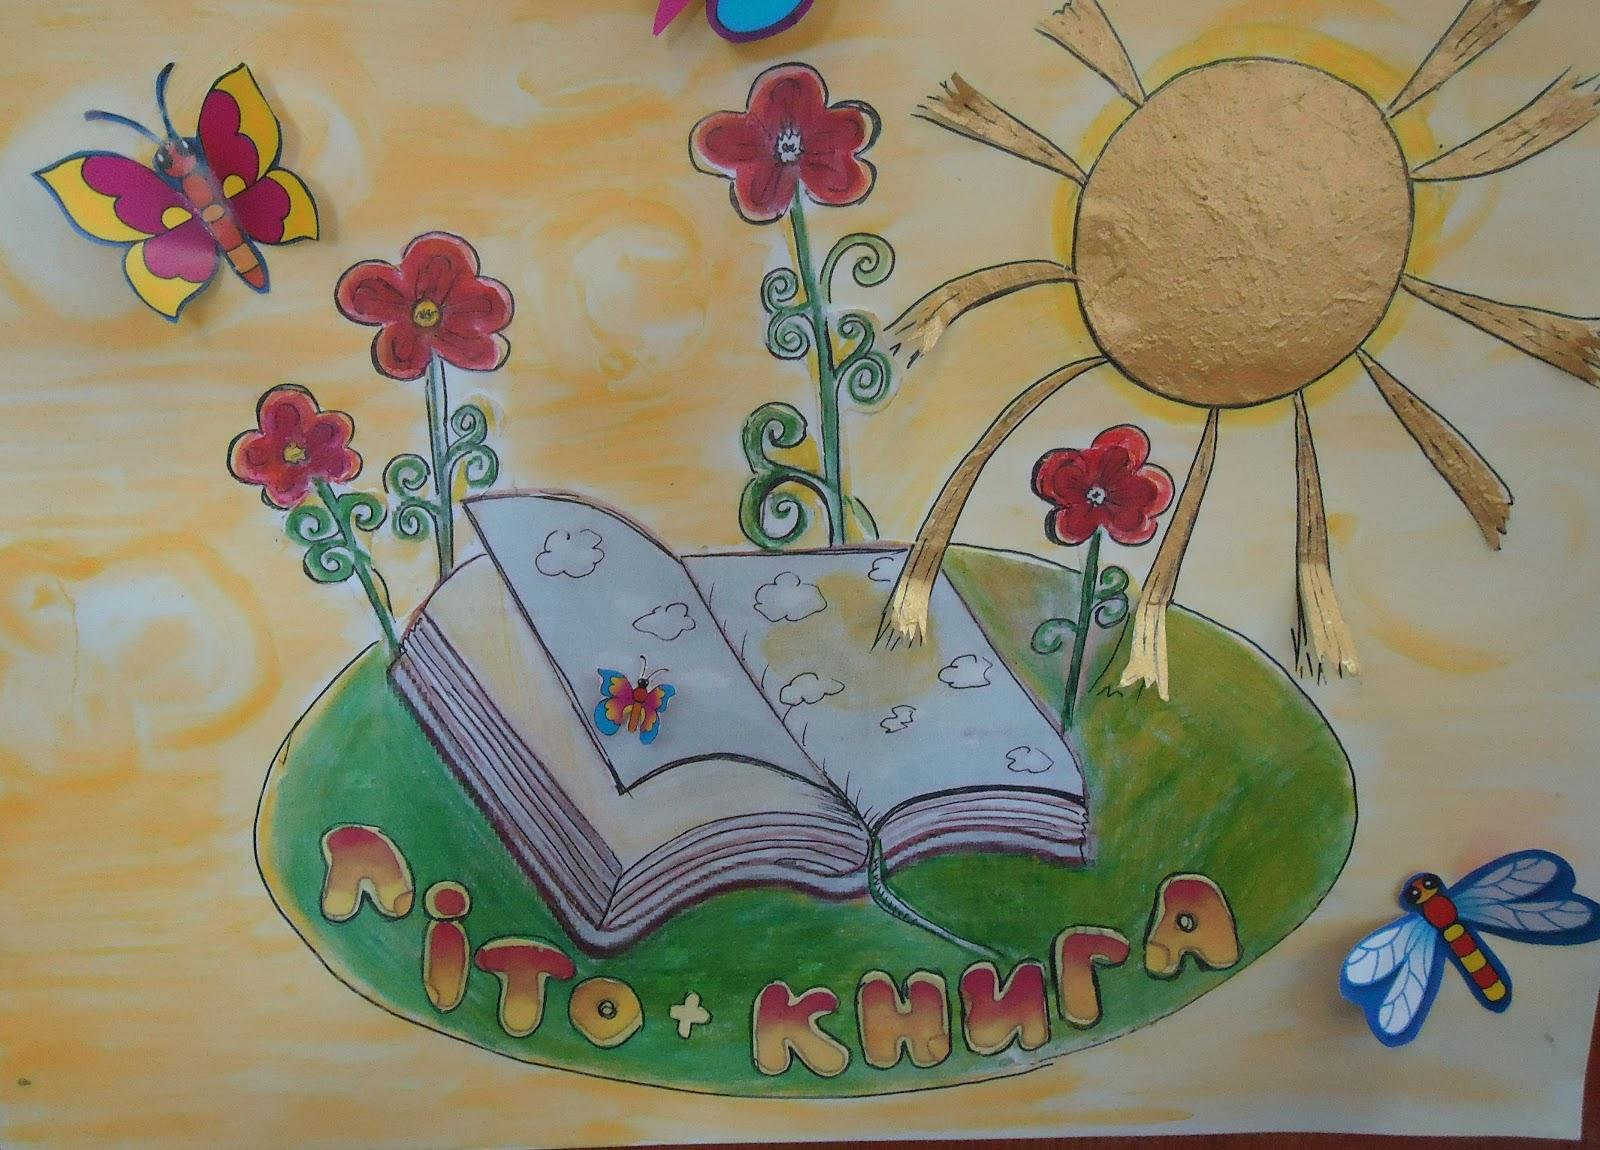 Літо+книга=літні читання у